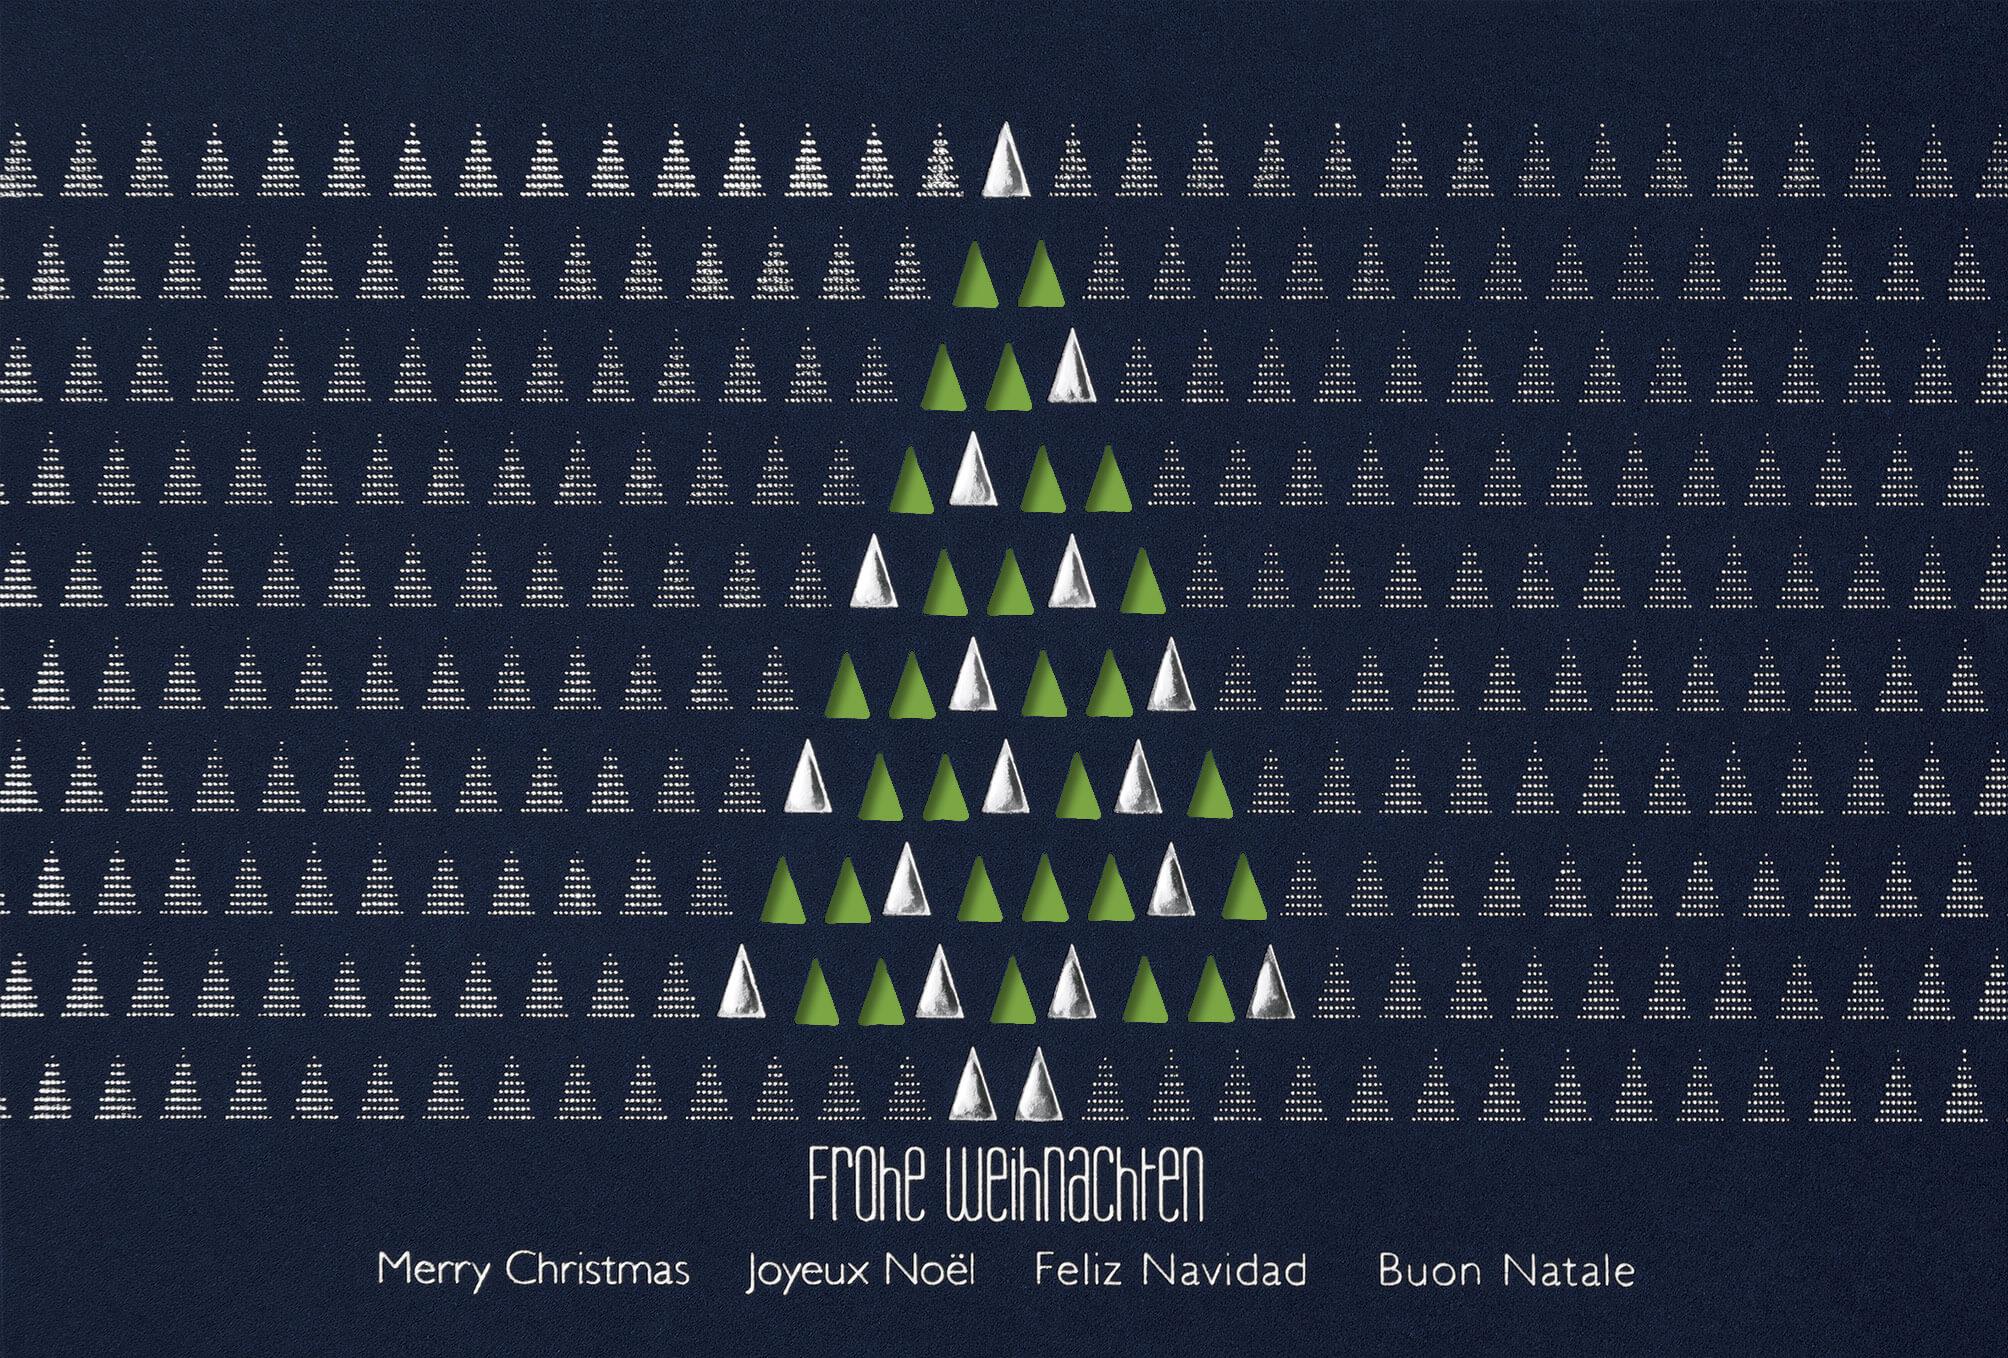 Moderne Weihnachtsgrüße Für Karten.Moderne Weihnachtskarte In Blau Mit Stanzung Und Grünem Einlegeblatt